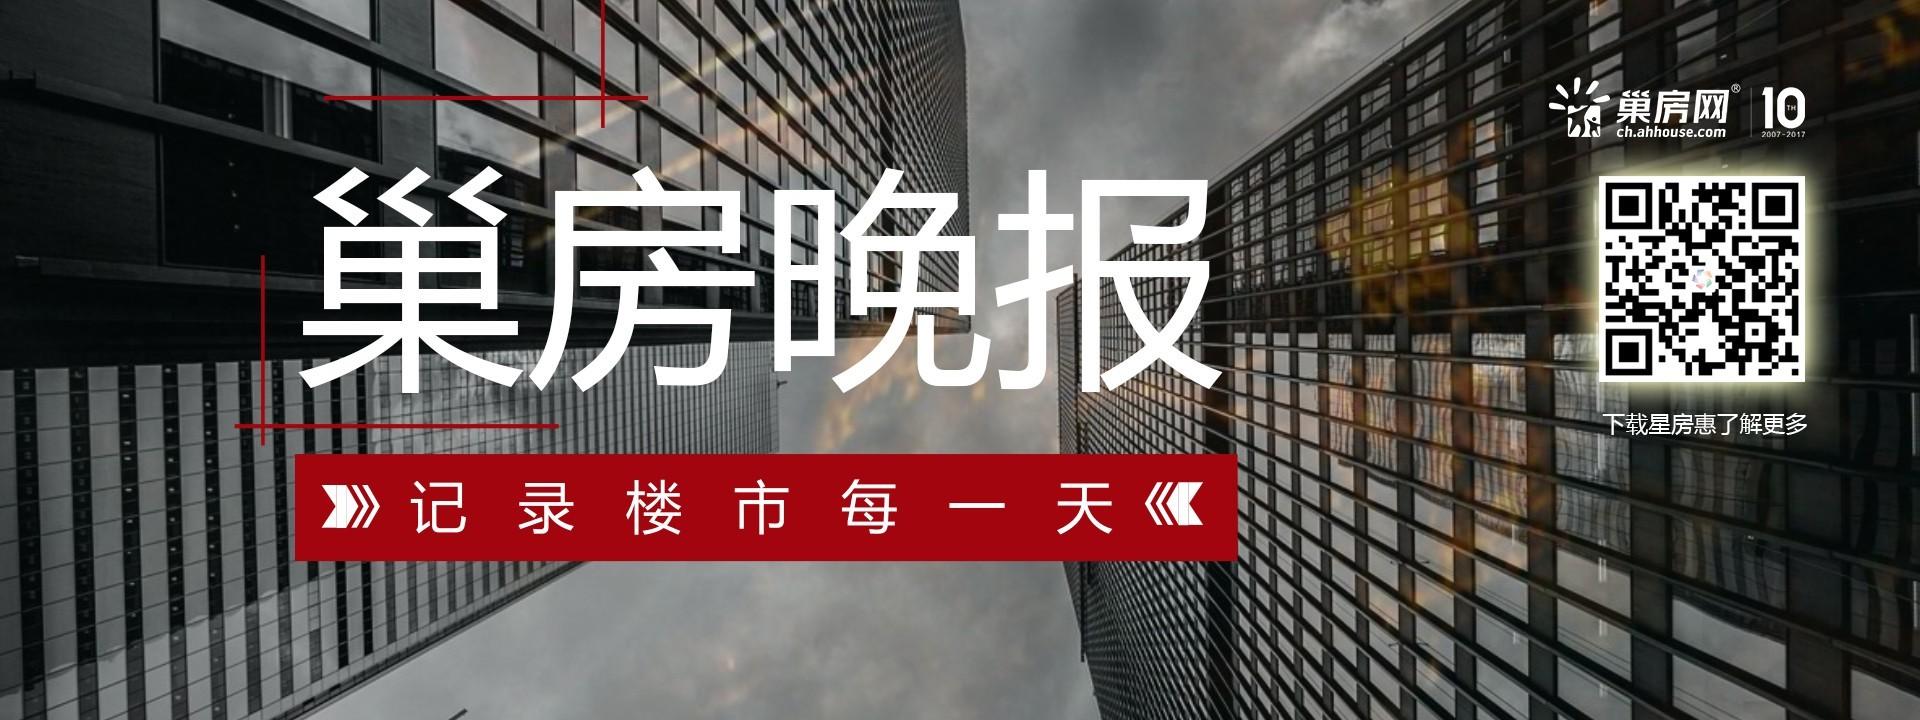 8月25日巢房网新闻晚报:新华竞得2017-22号地块